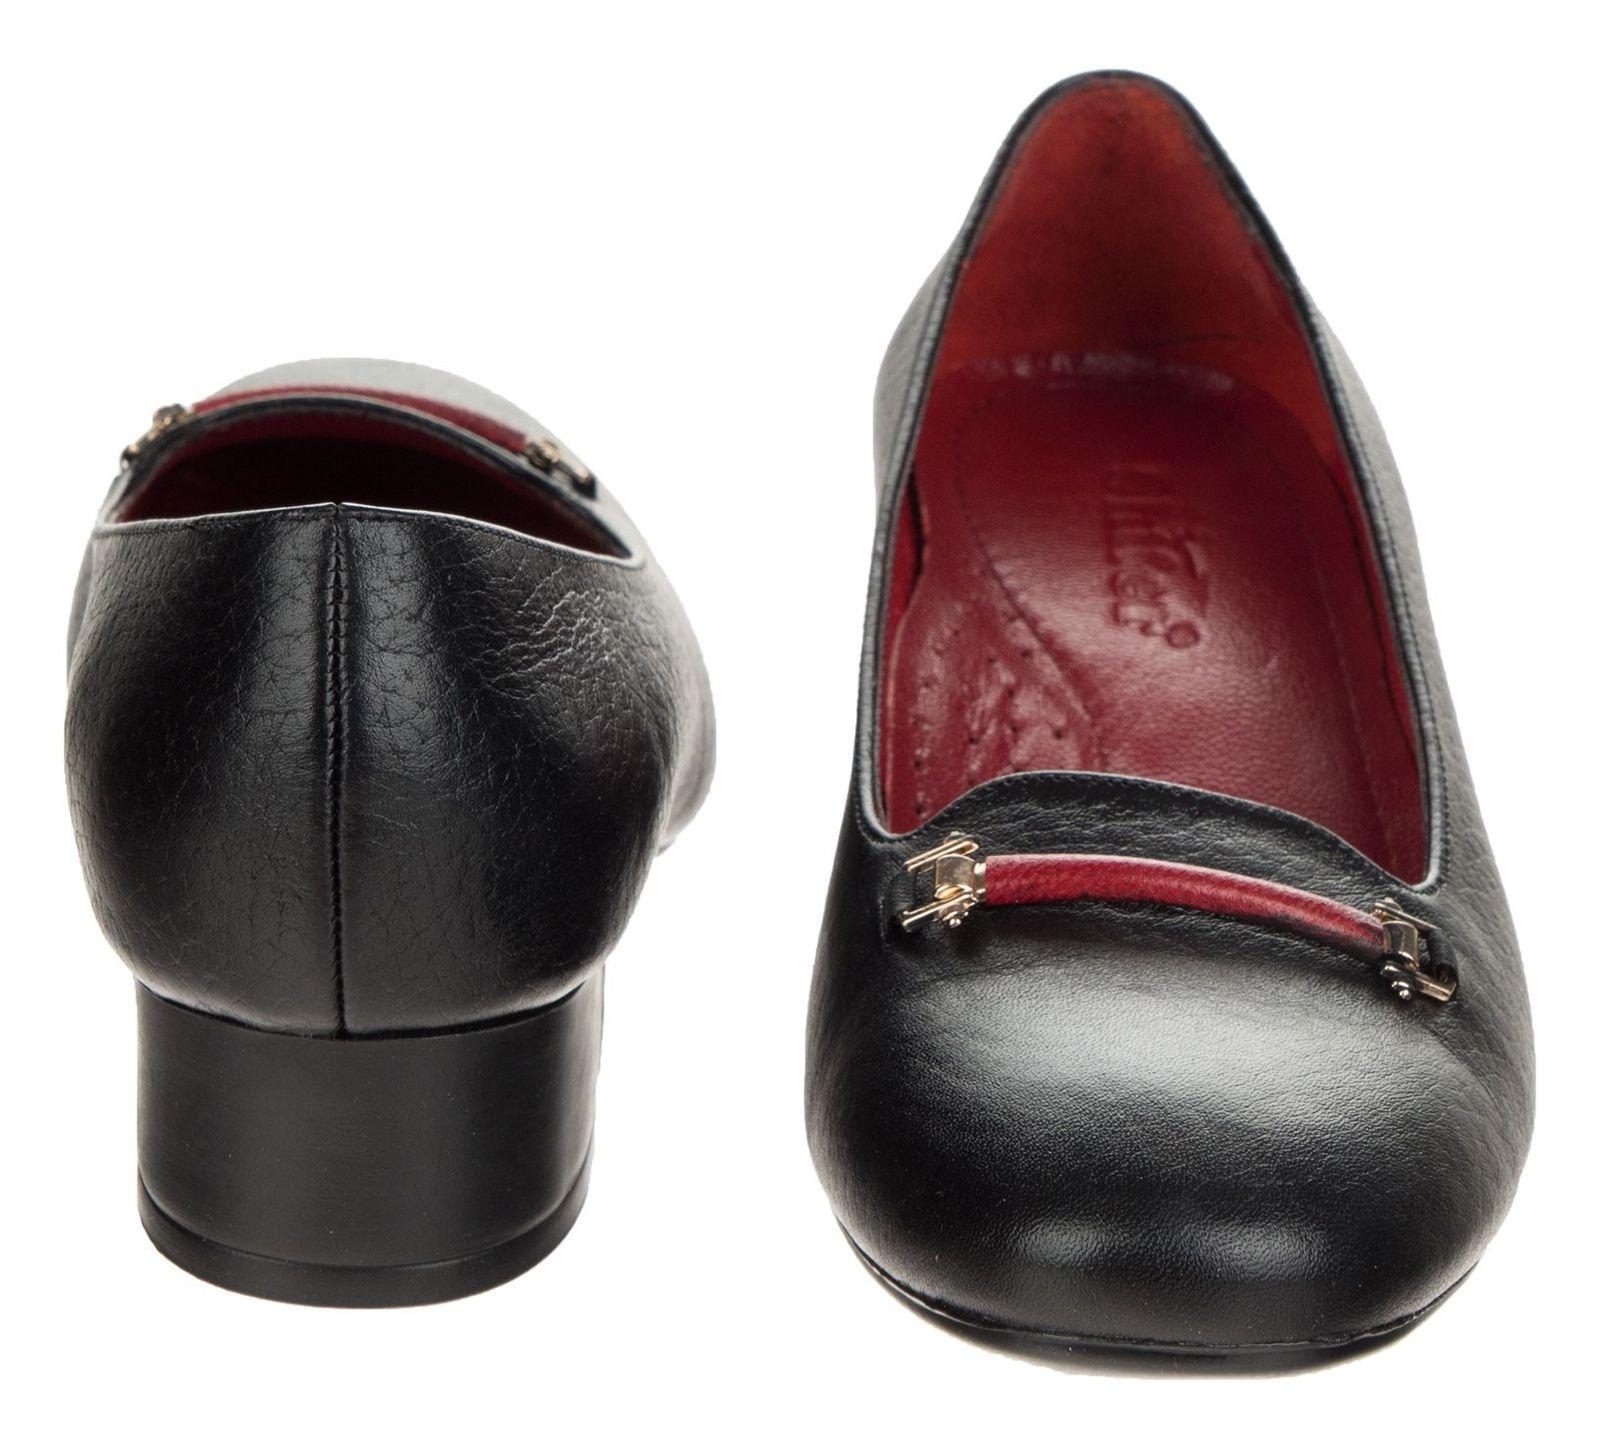 کفش پاشنه دار چرم زنانه - شیفر - مشکی - 5